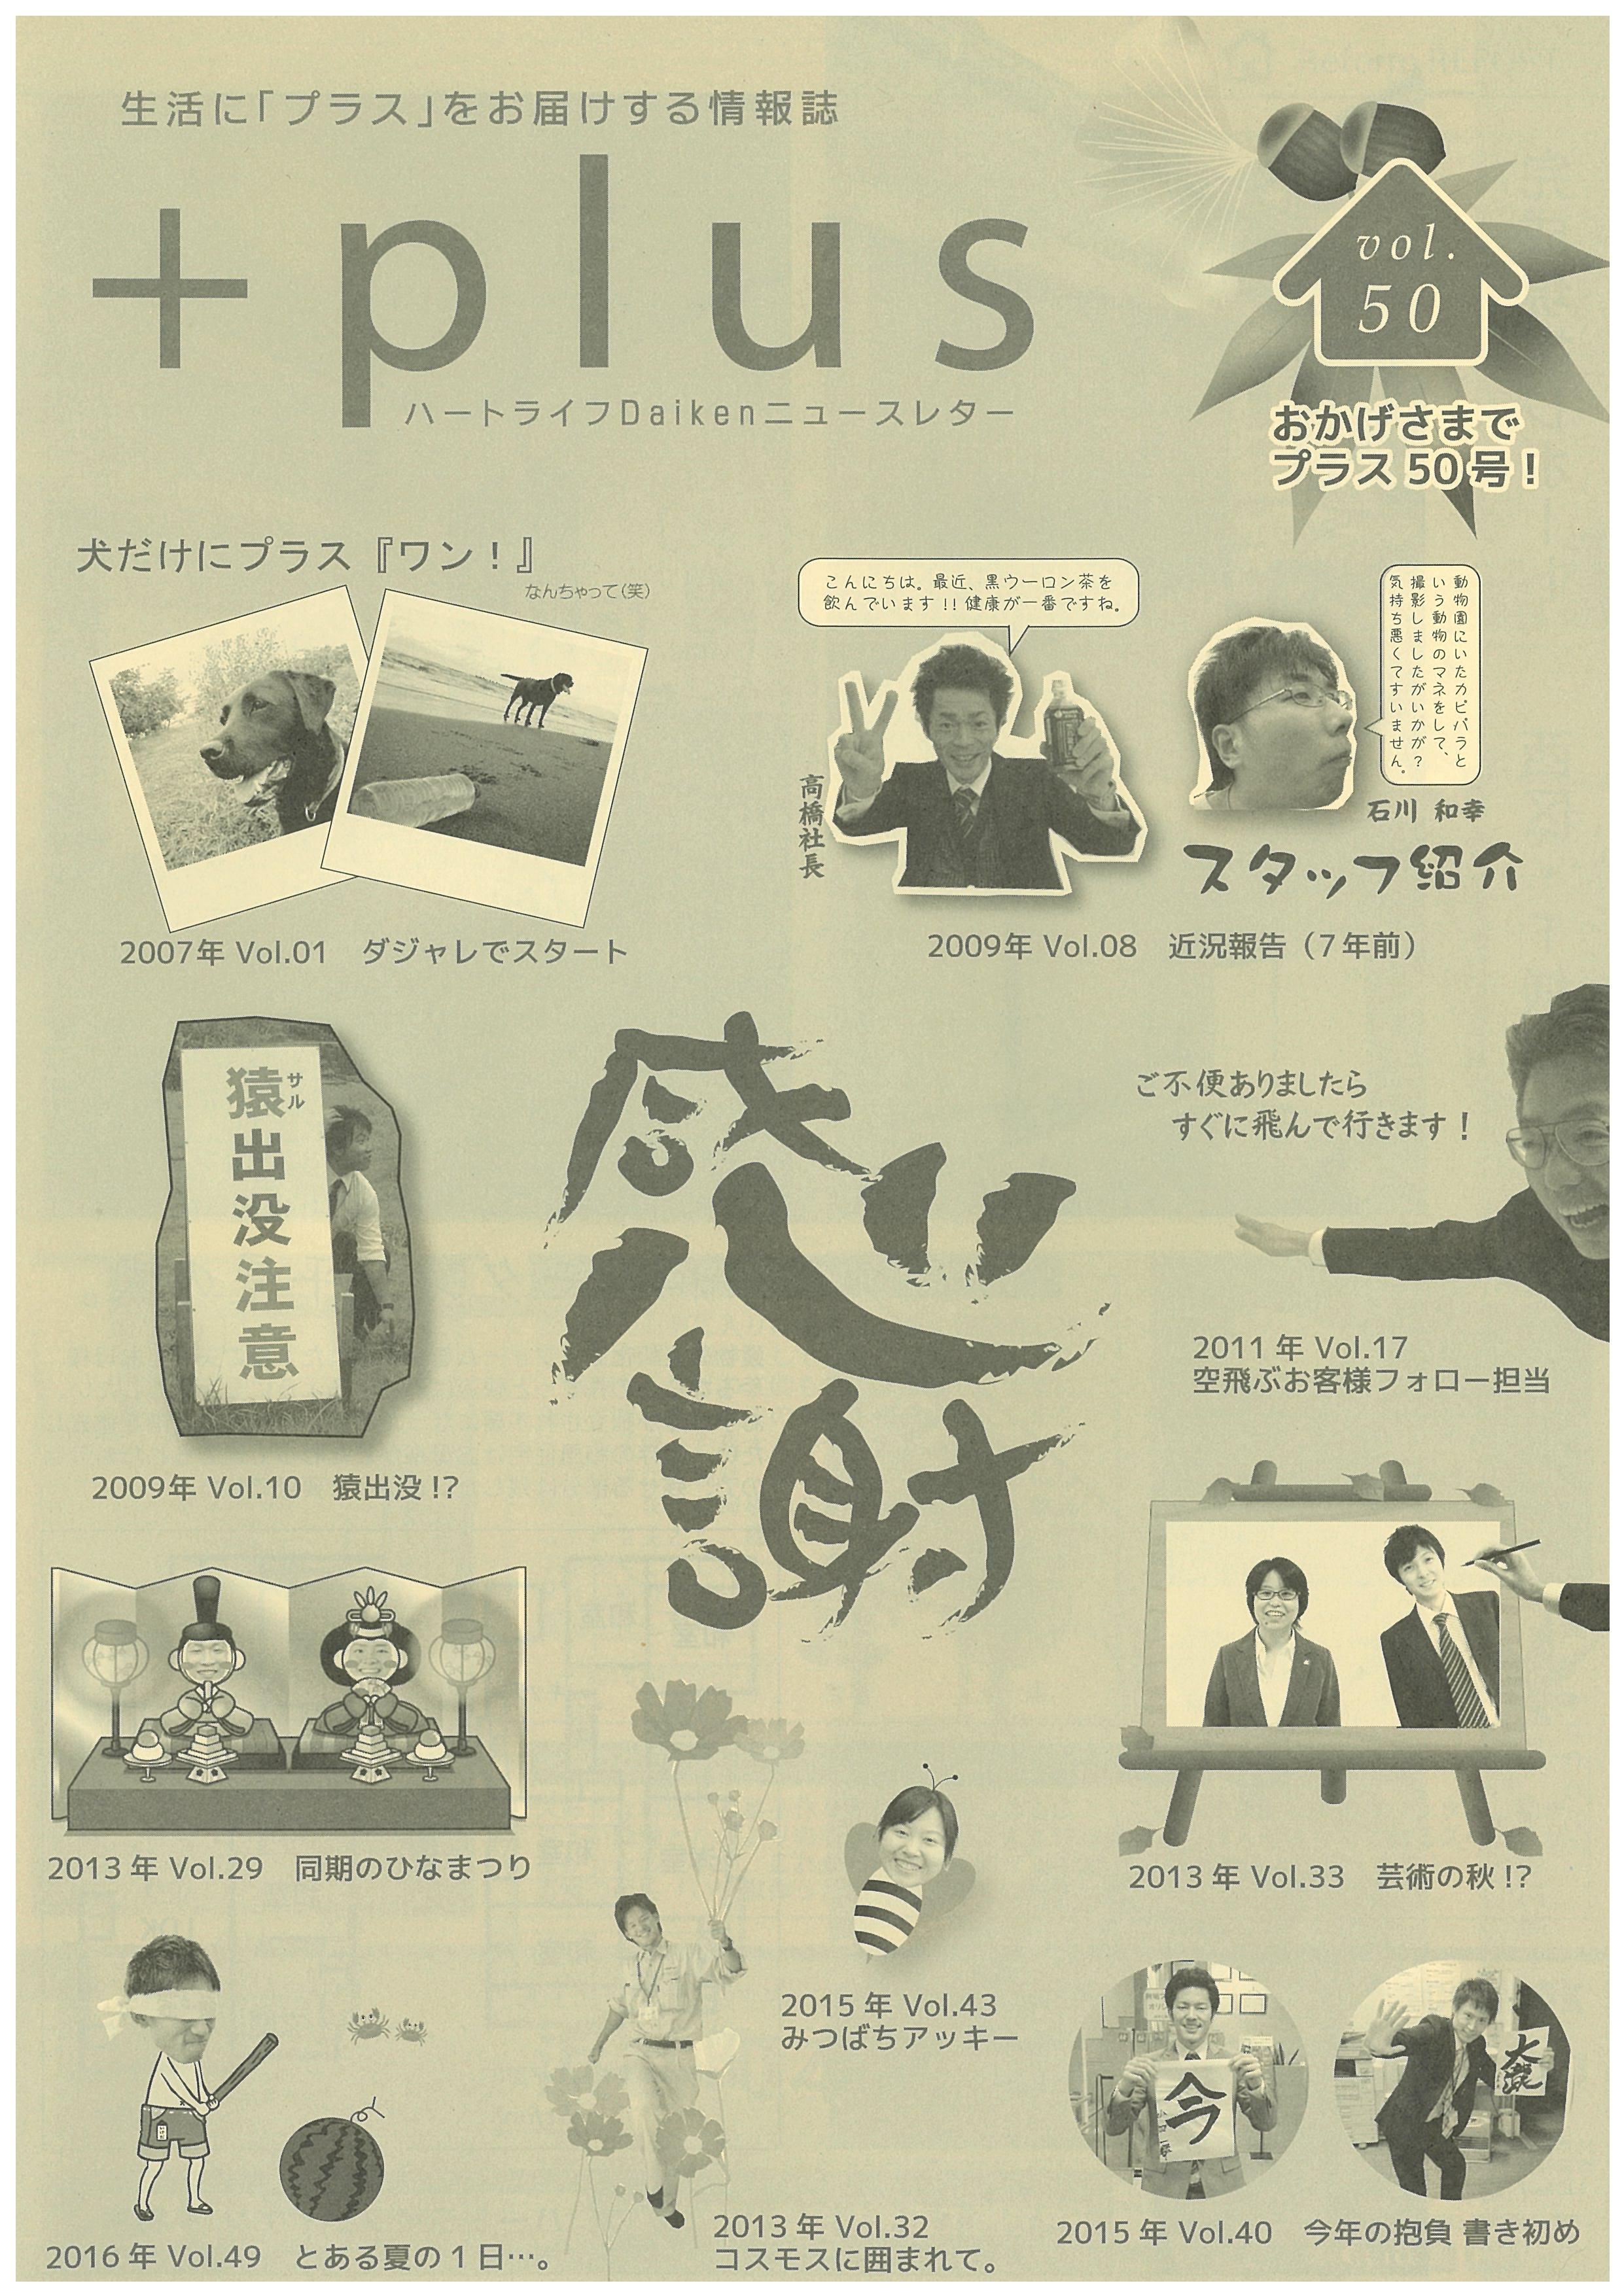 ニュースレター VOL.50①